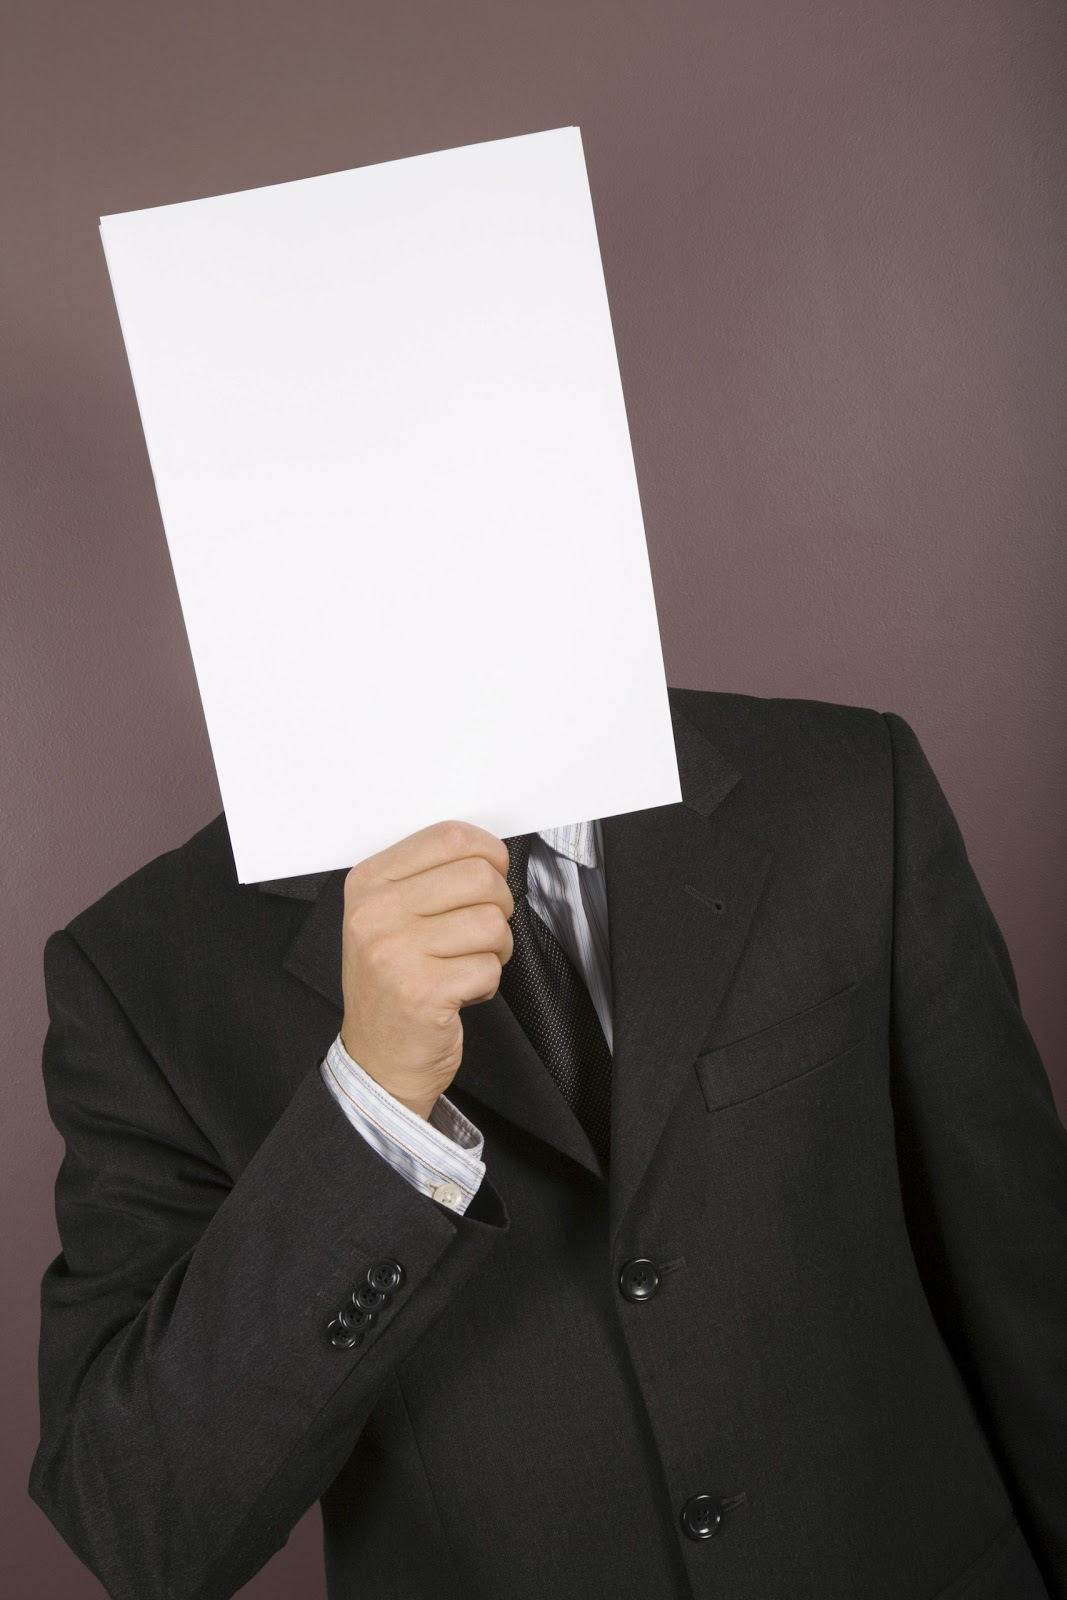 Who can write a subpoena